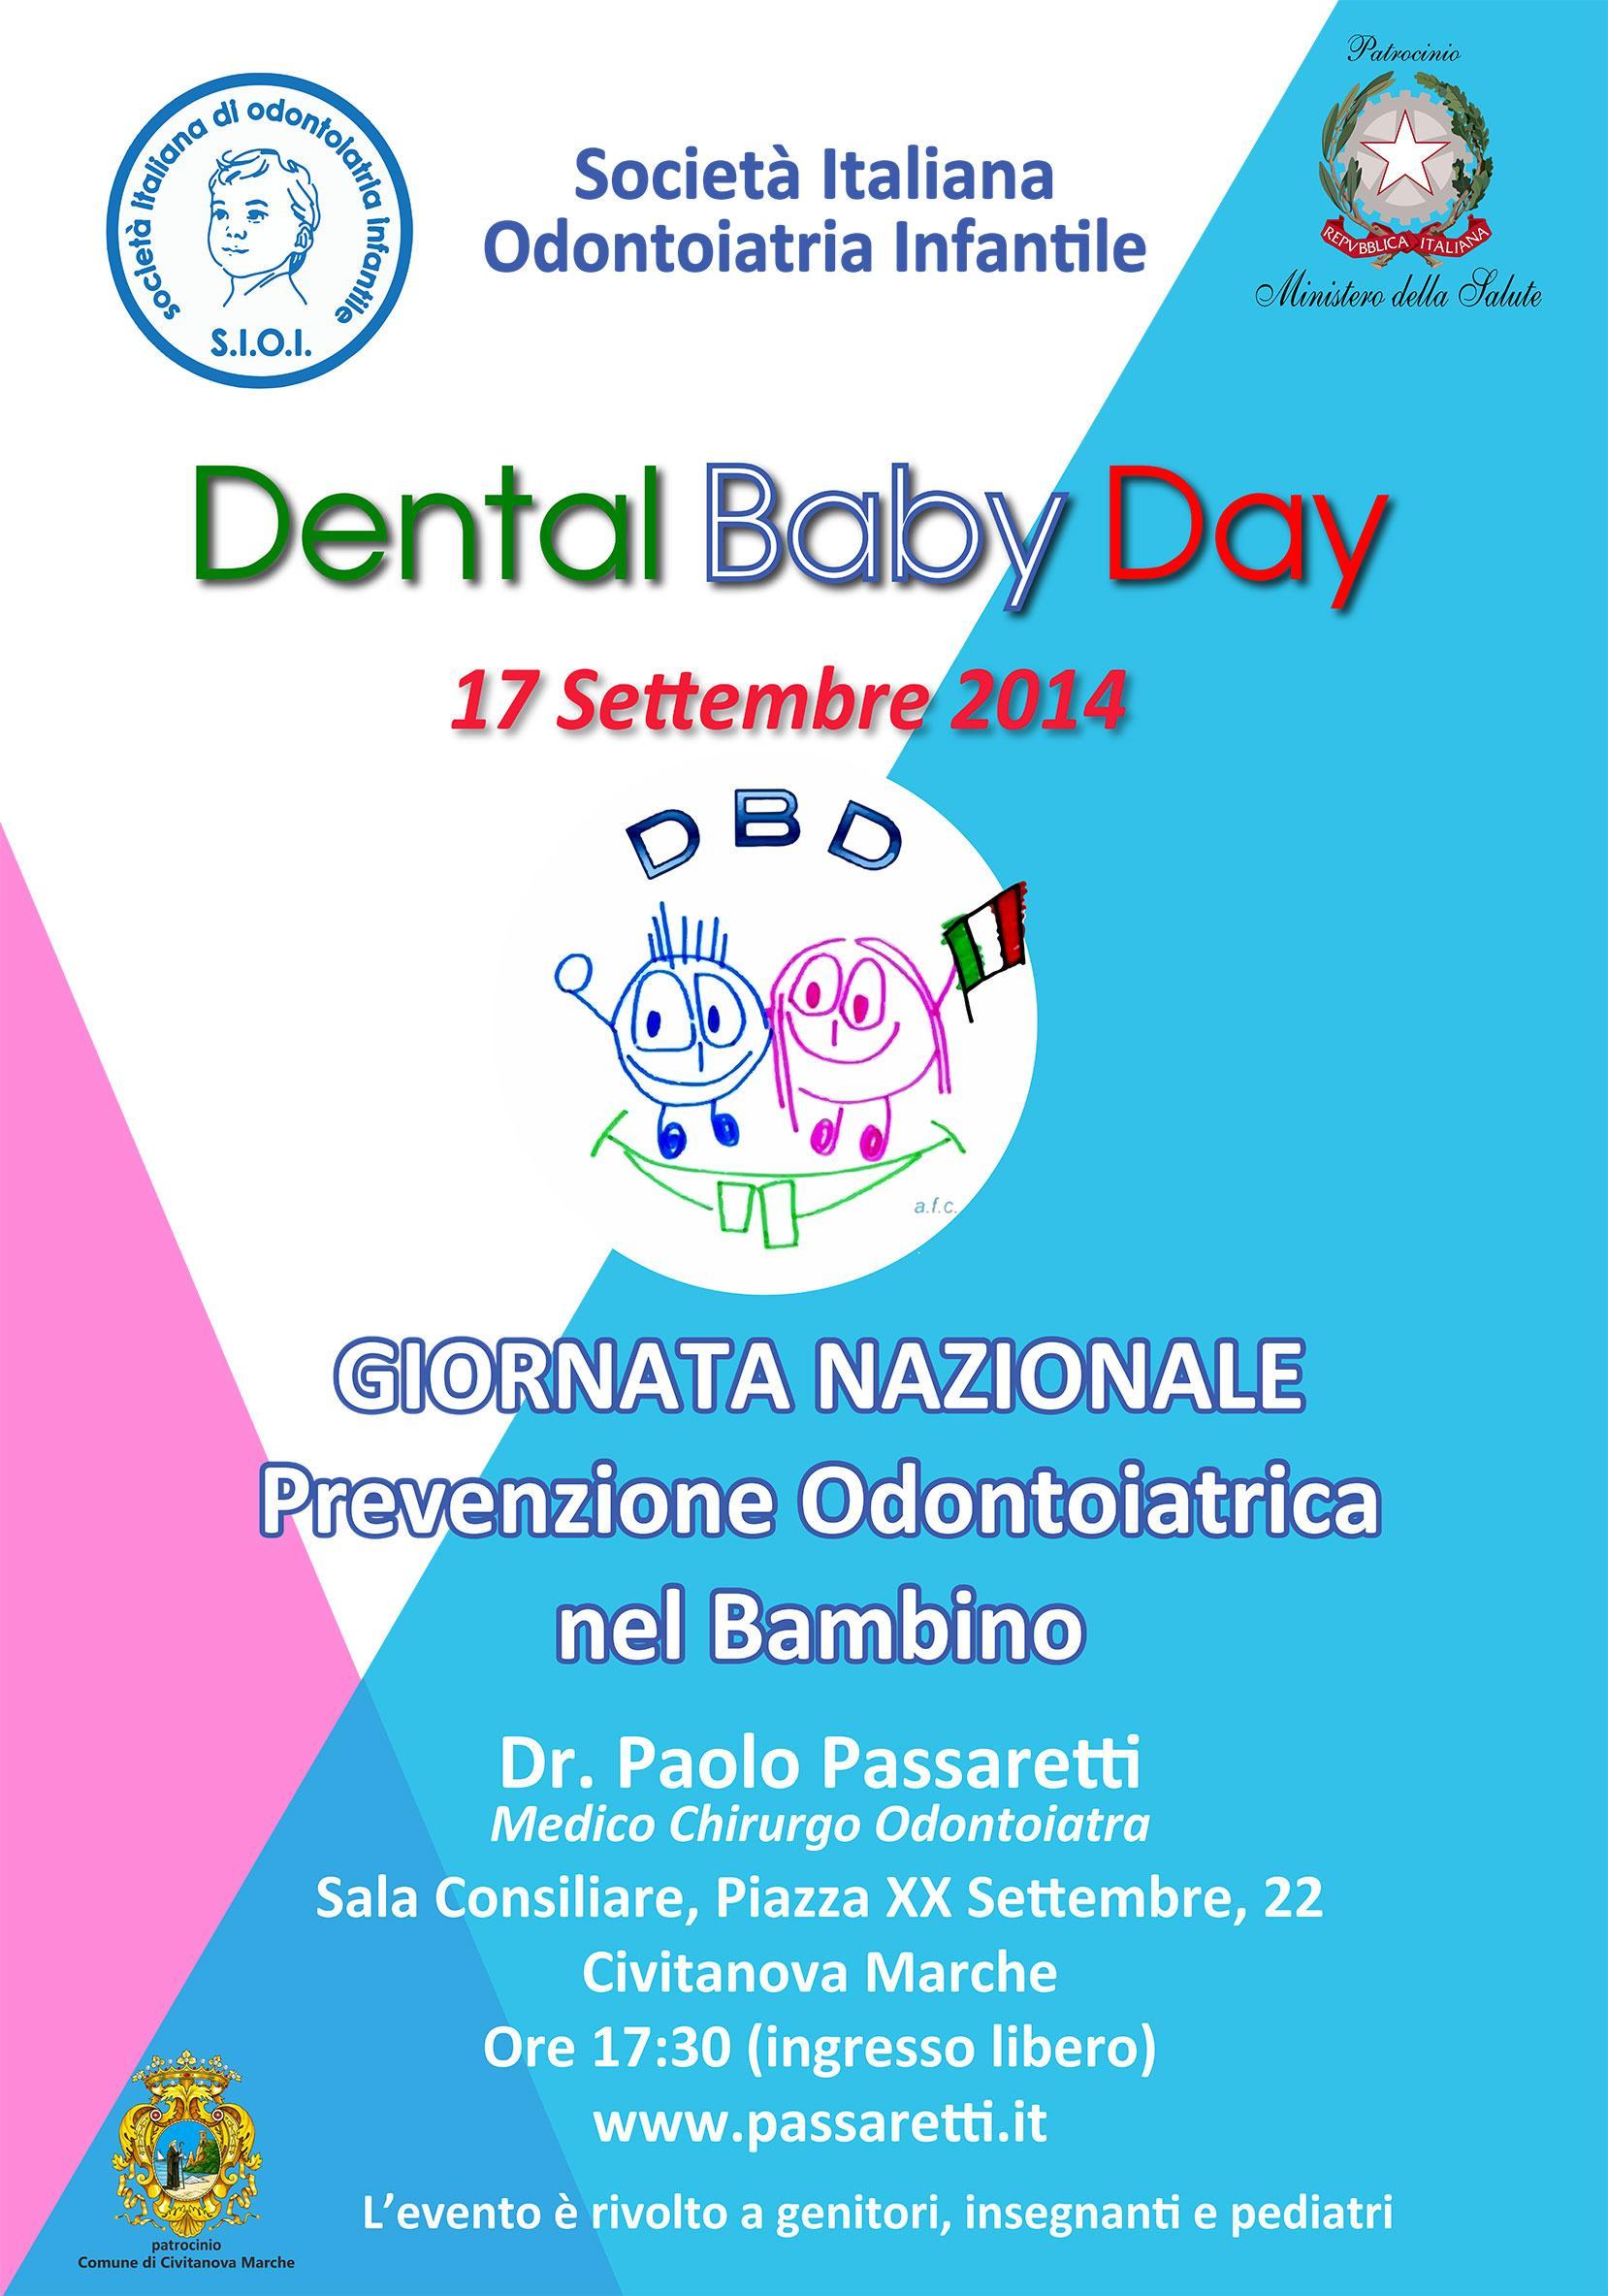 dental-baby-day-2014